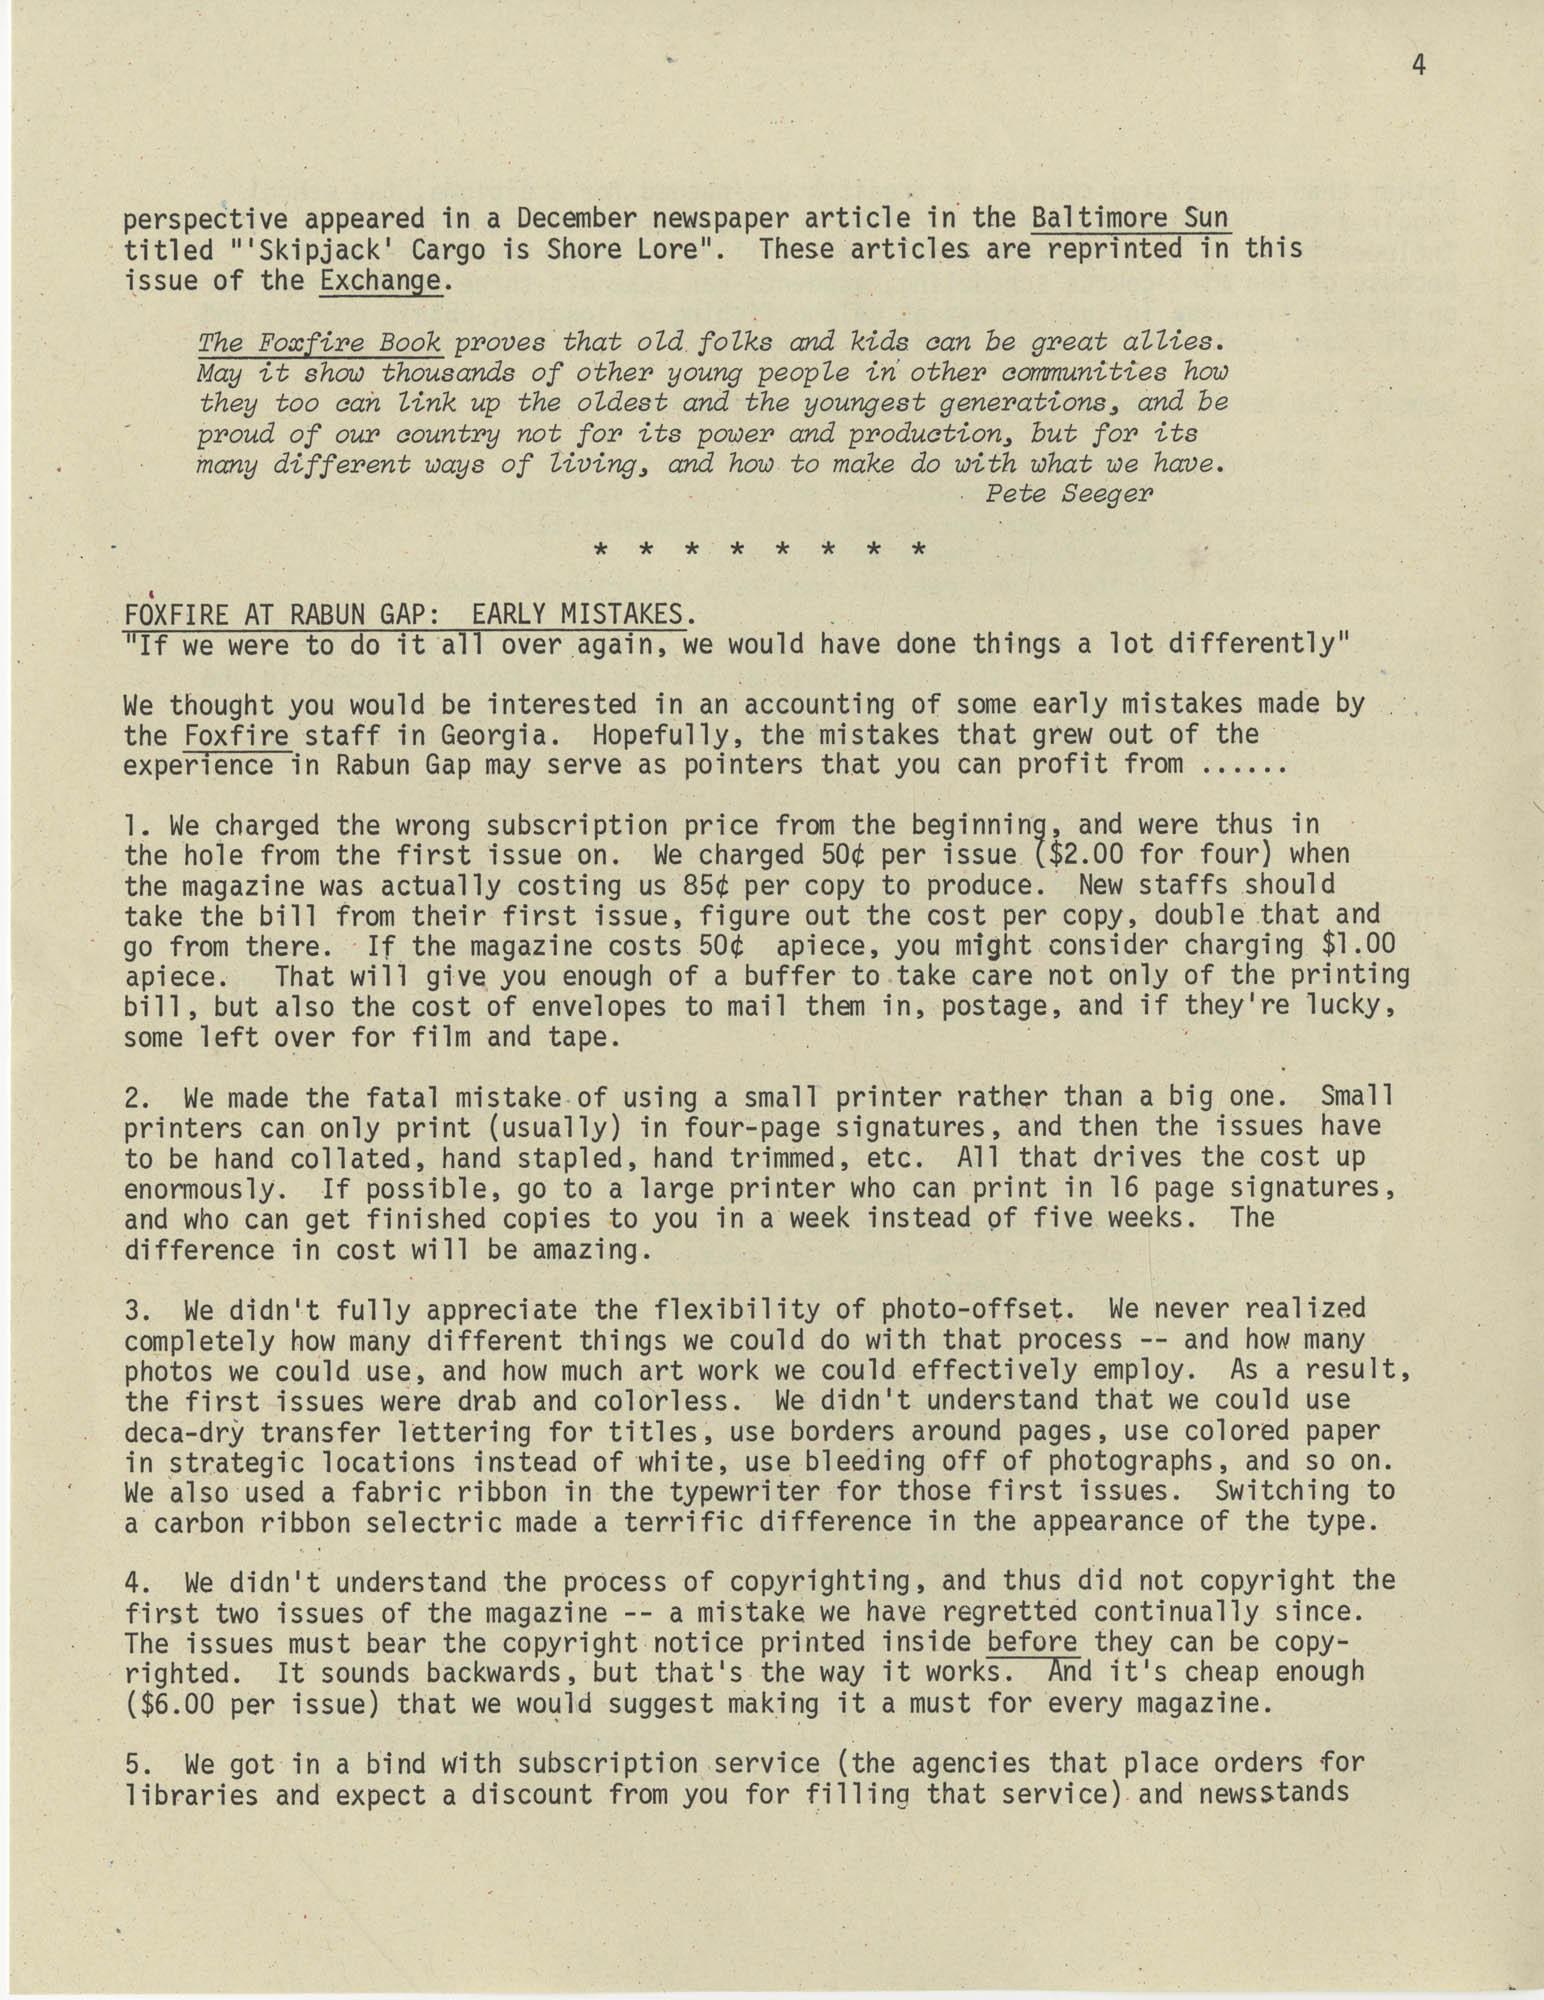 Exchange, Vol. 1, No. 1, Page 4